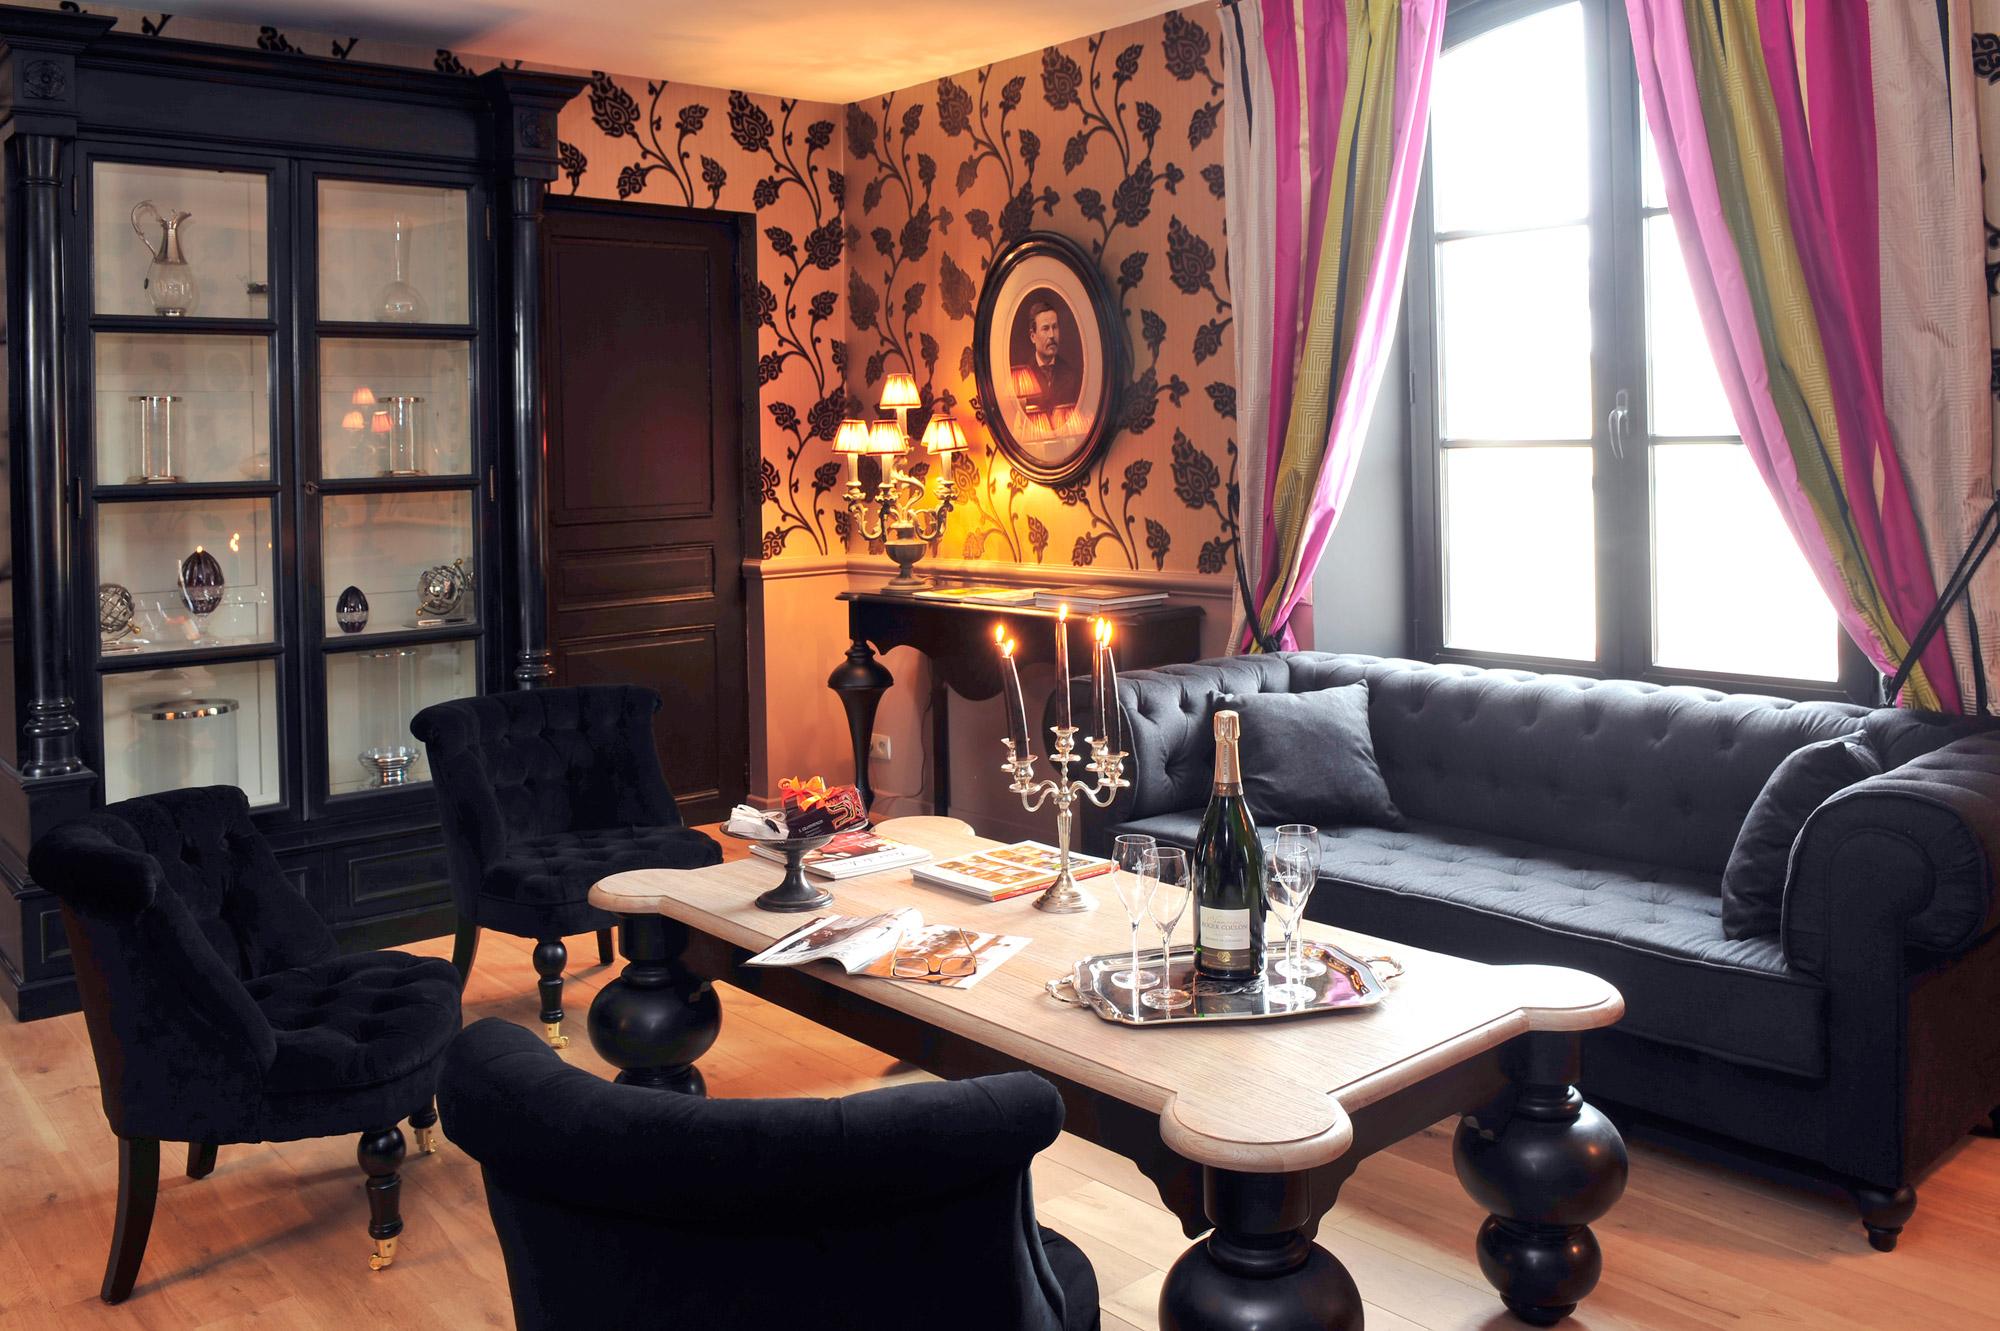 Salon cosy, ambiance détente dans la maison d'hôtes au coeur des vignes au Clos des Terres Soudées près de Reims